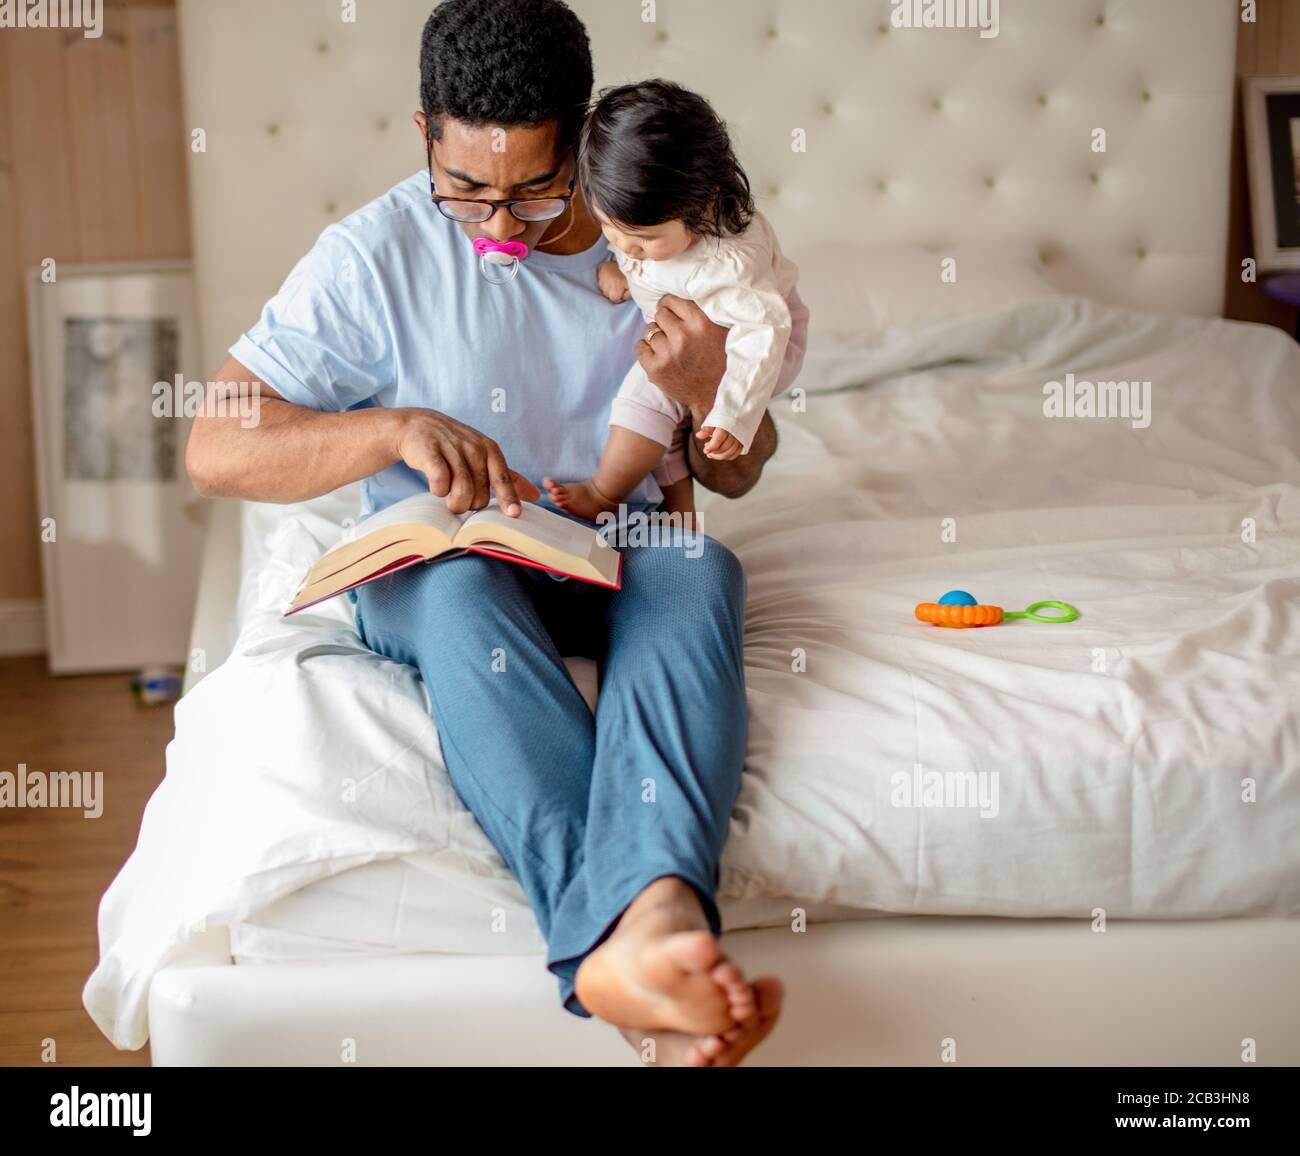 buen padre pasando tiempo con su adorable hija, fin de semana, vacaciones, día libre con un niño, pasatiempo favorito, espacio de copia Foto de stock